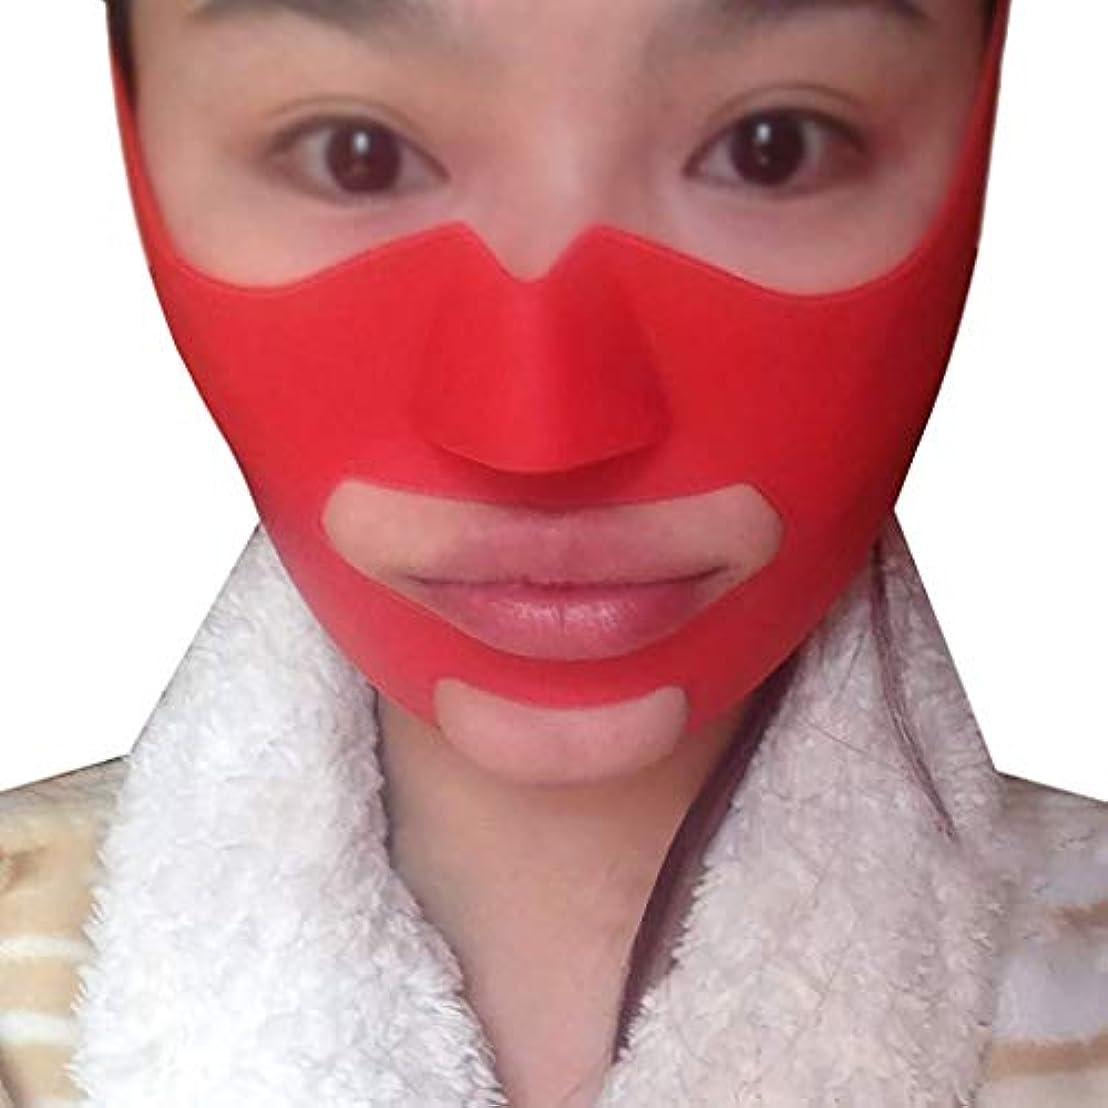 文庫本推測する役職フェイスリフトマスク、シリコーンVフェイスマスクフェイスマスク強力な薄い咬筋筋肉を持ち上げるアップルの筋肉パターン布アーティファクト小さなV顔包帯顔と首リフト